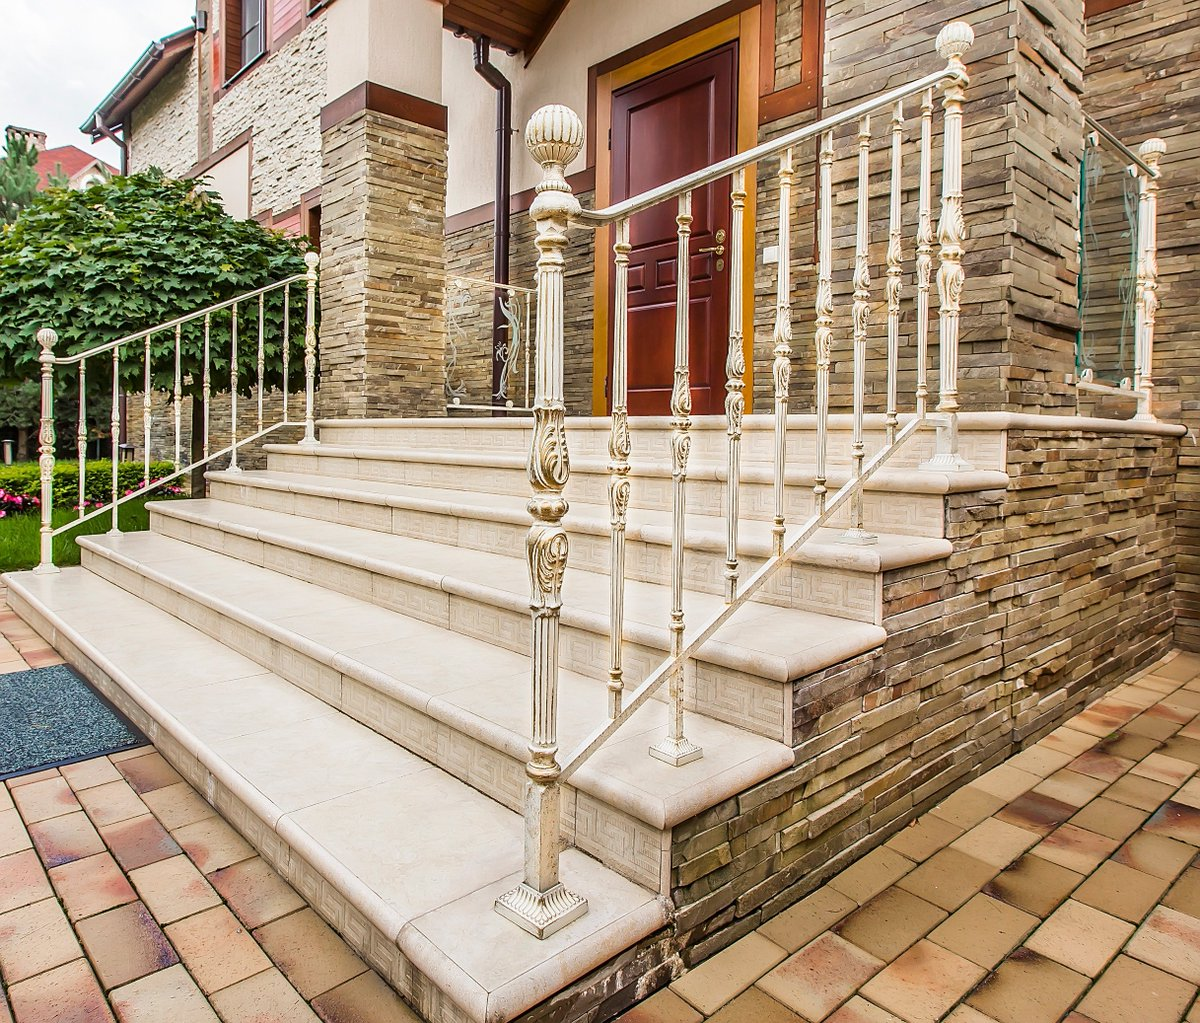 согласился красивые входные лестницы в дом фото крыльцо спортом